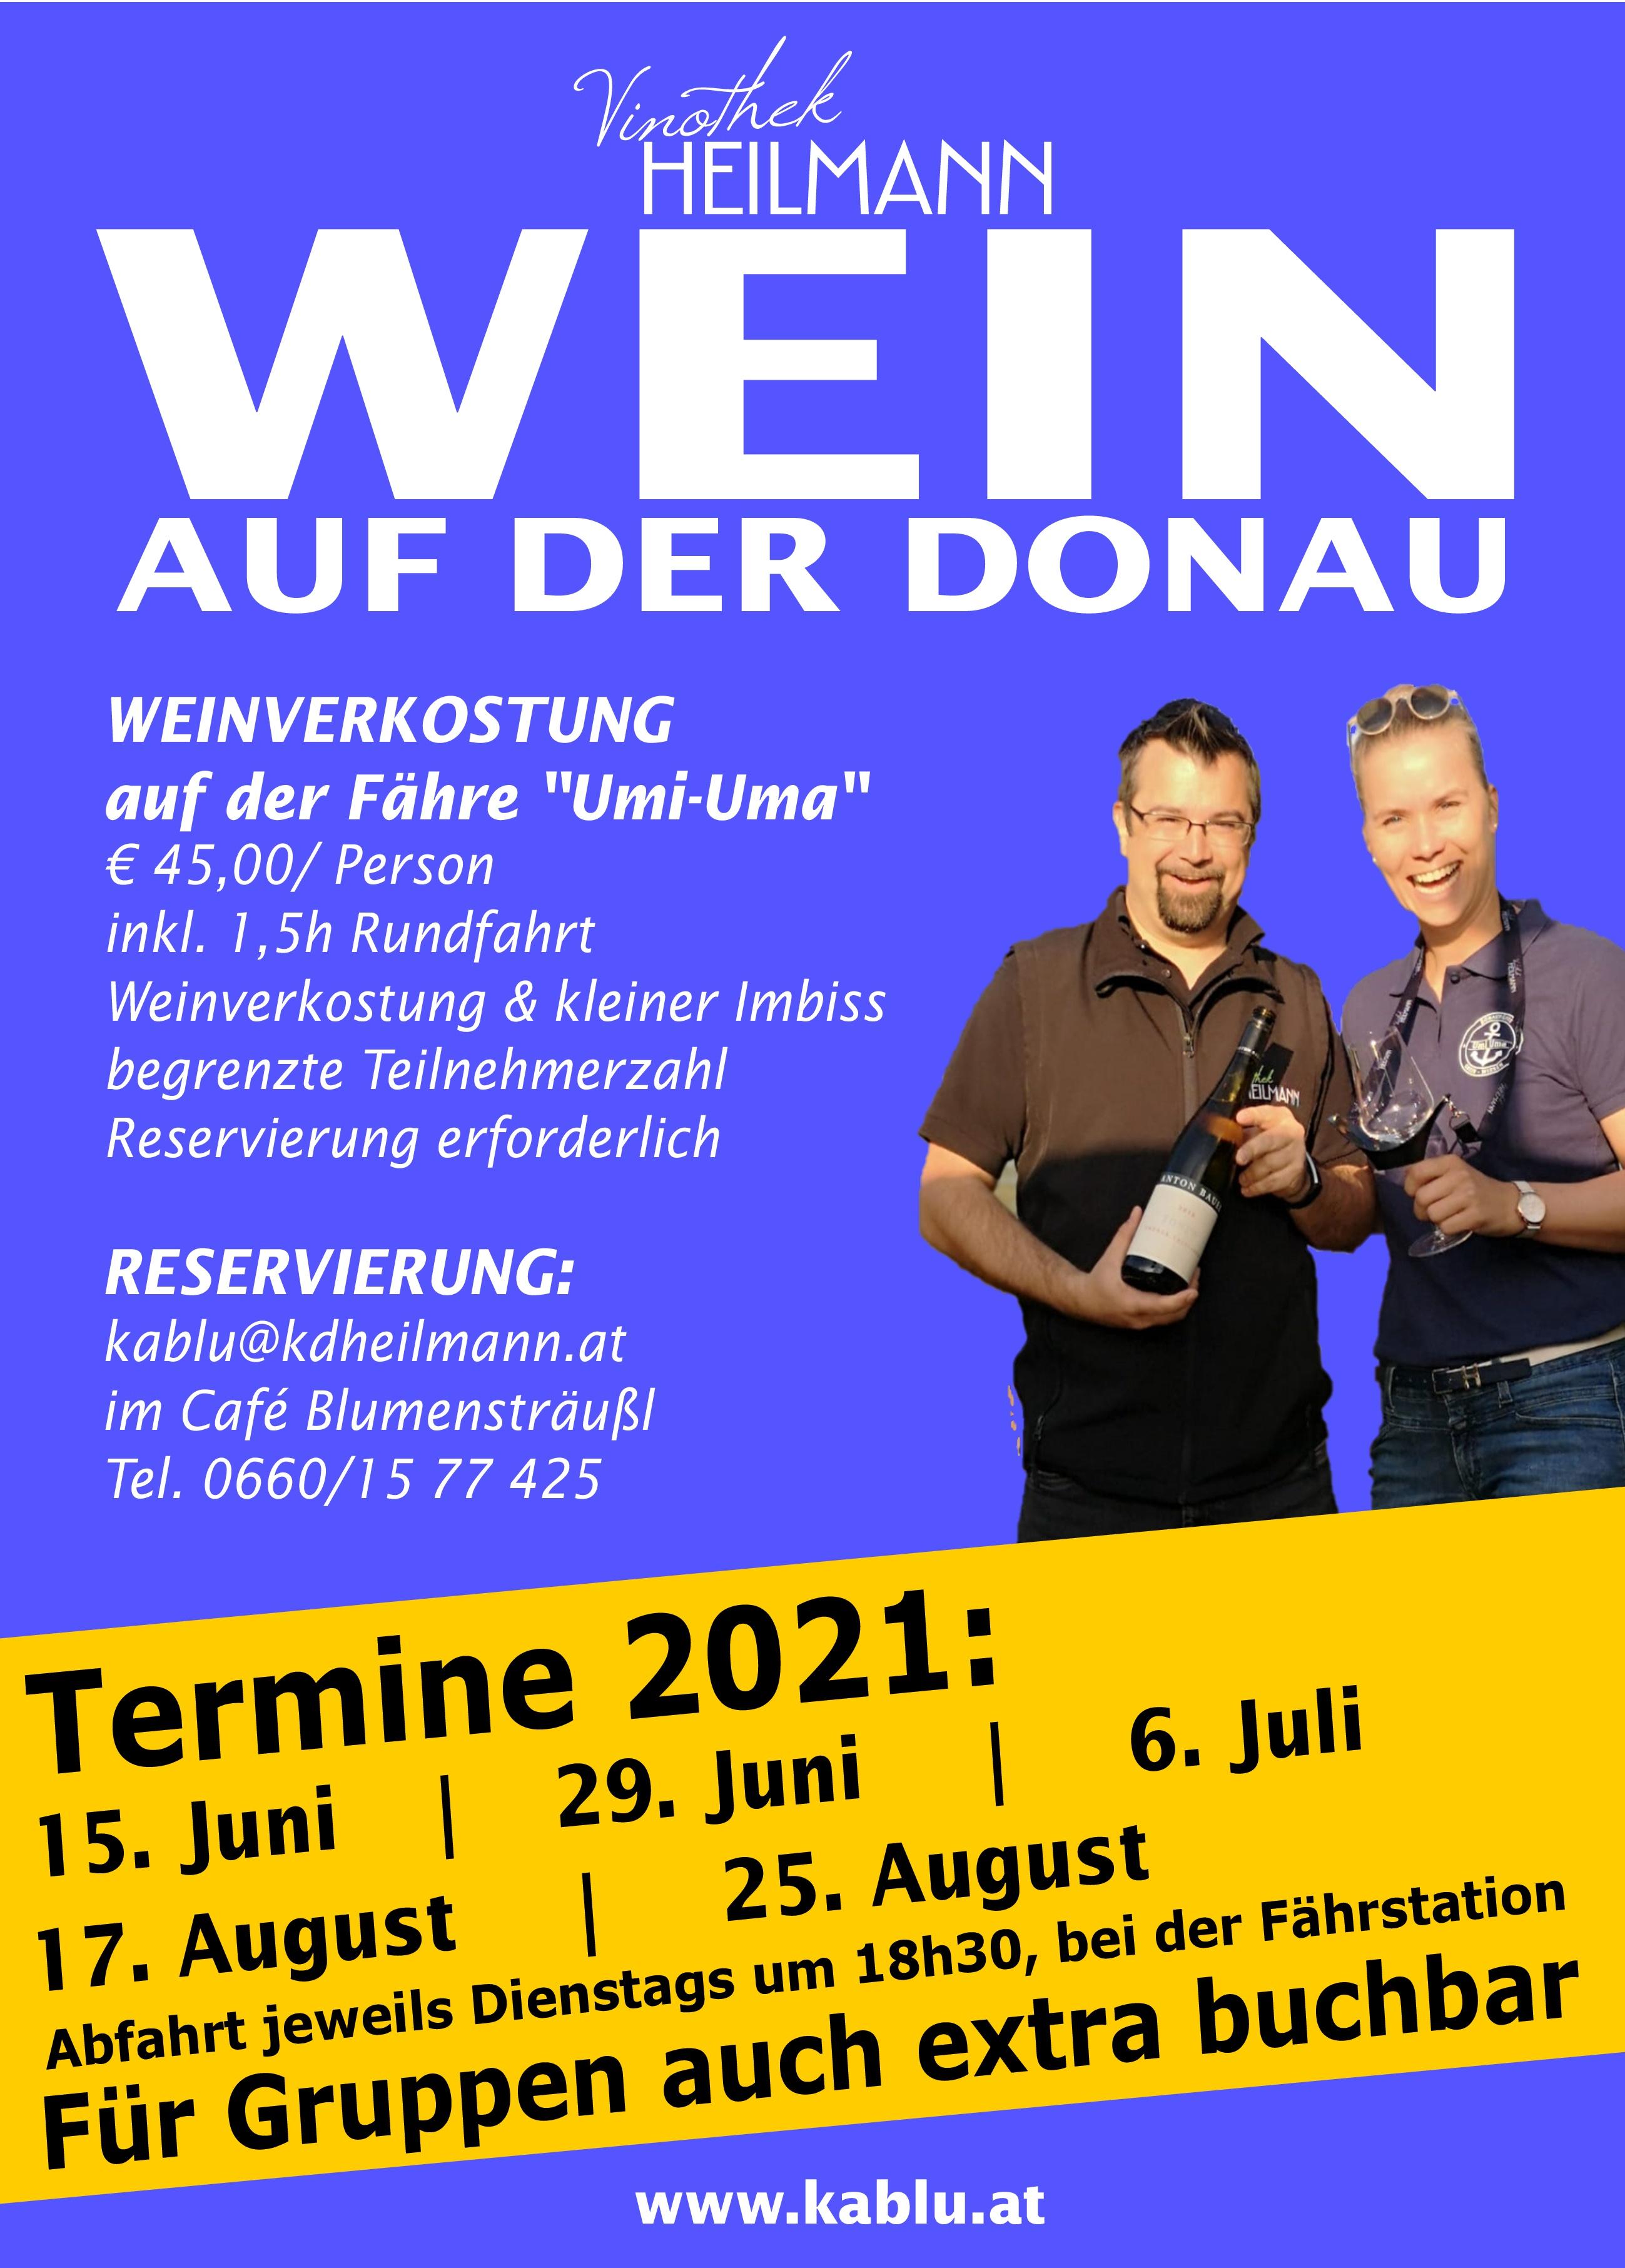 Wein auf der Donau 2021